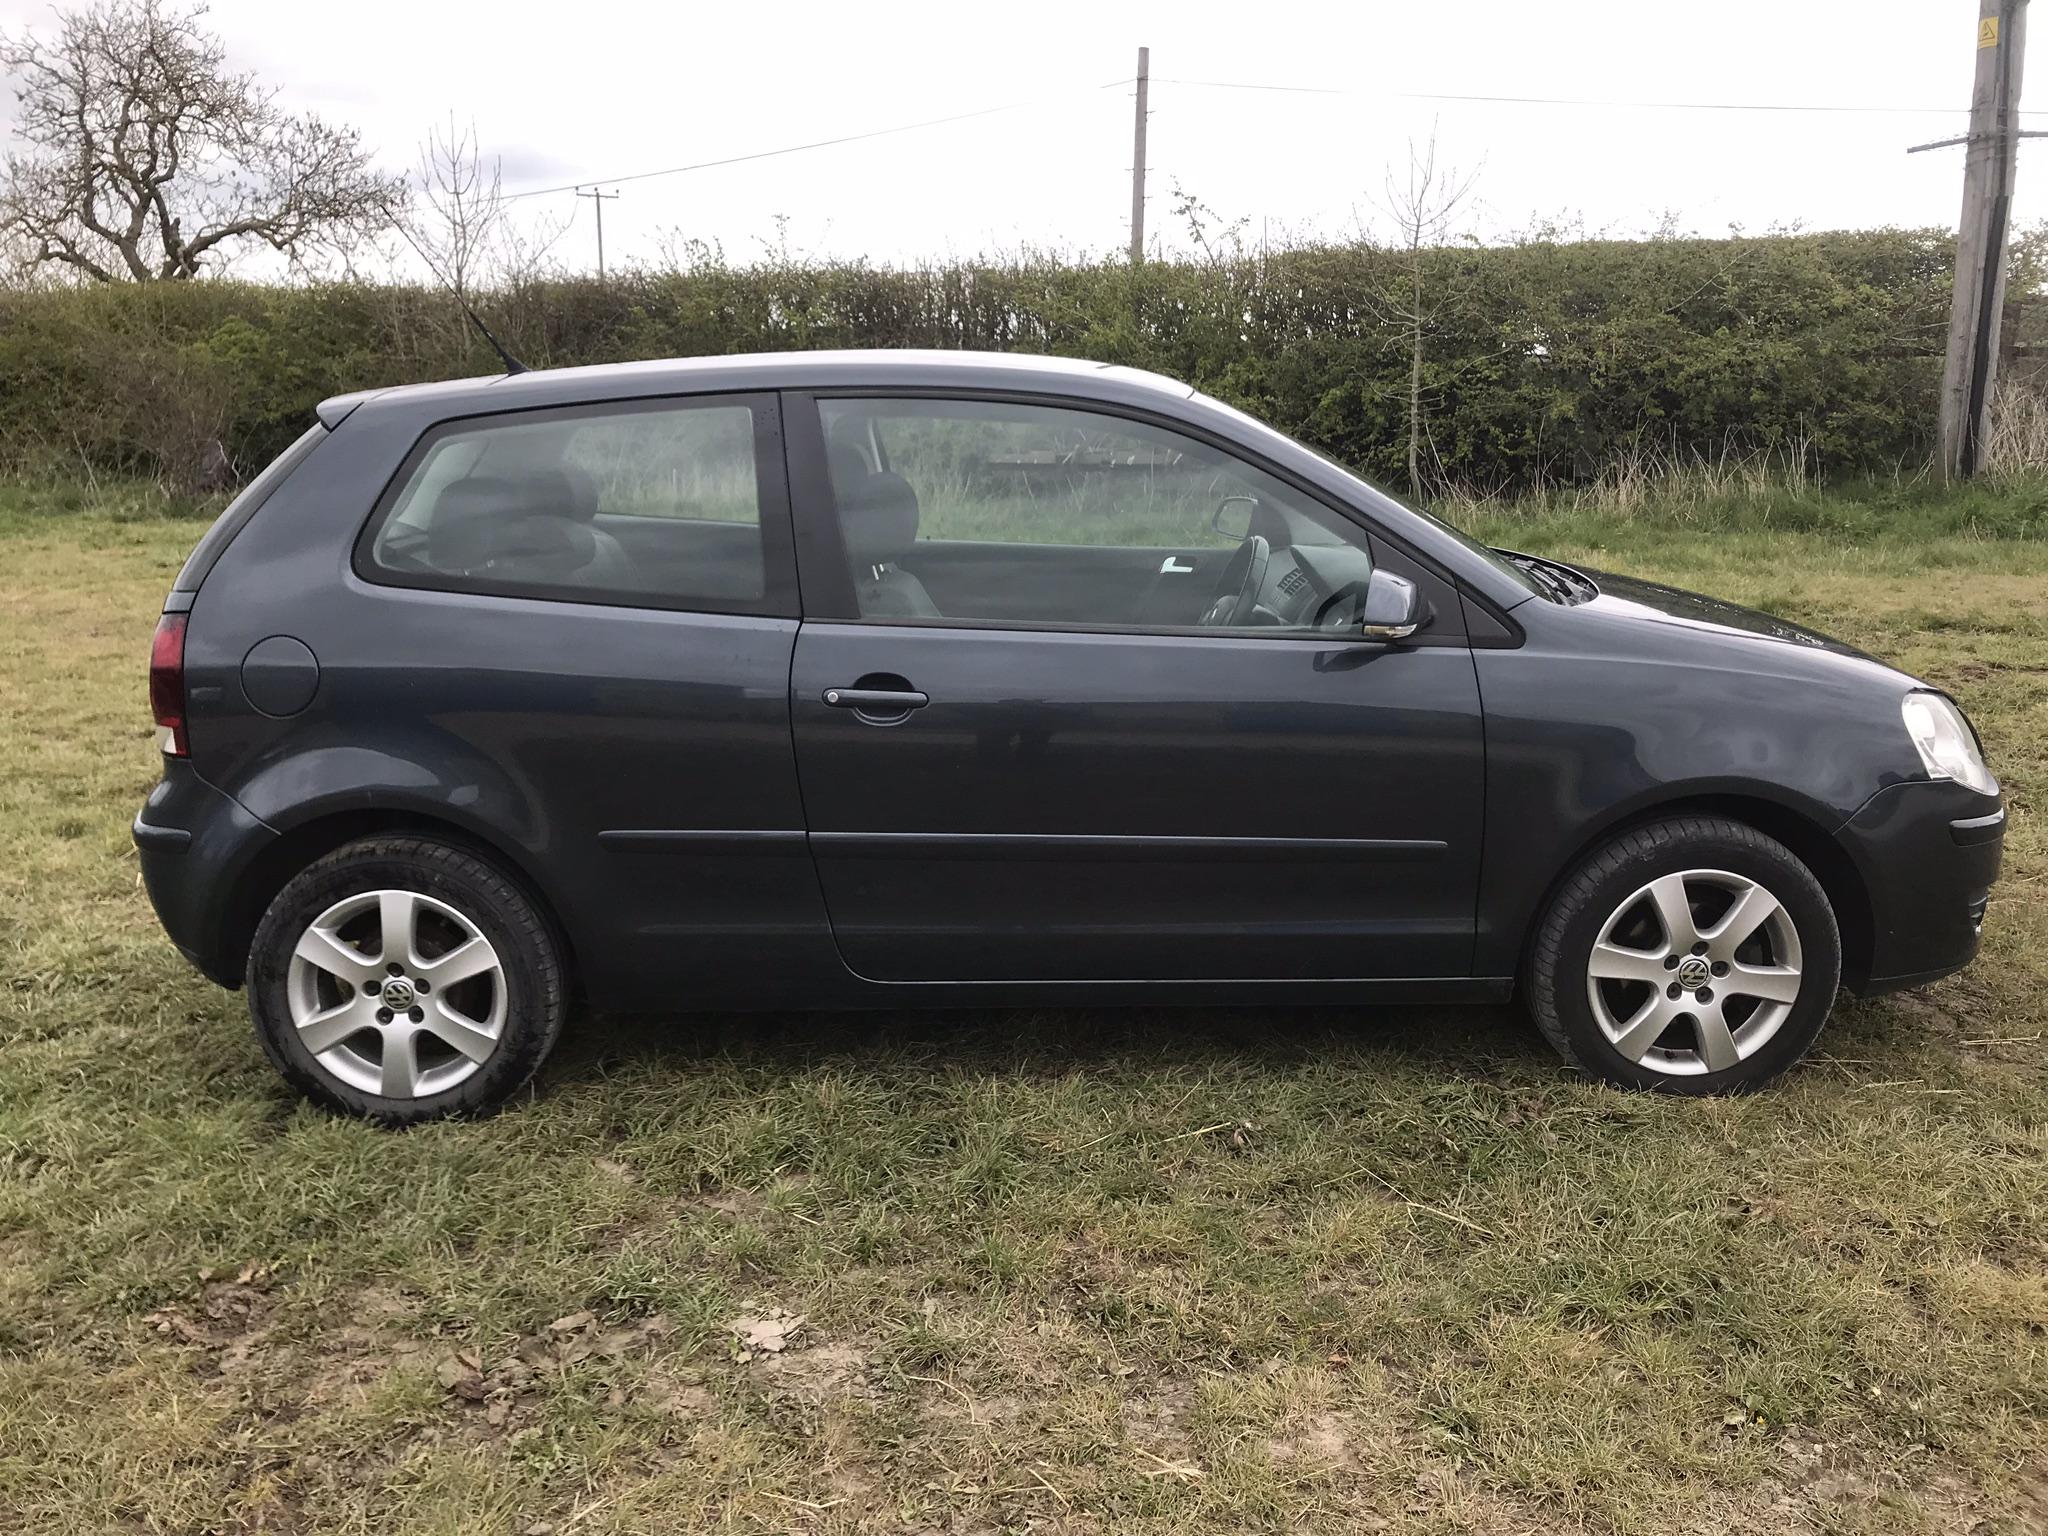 VW Polo 3 Door 1.4 Diesel full